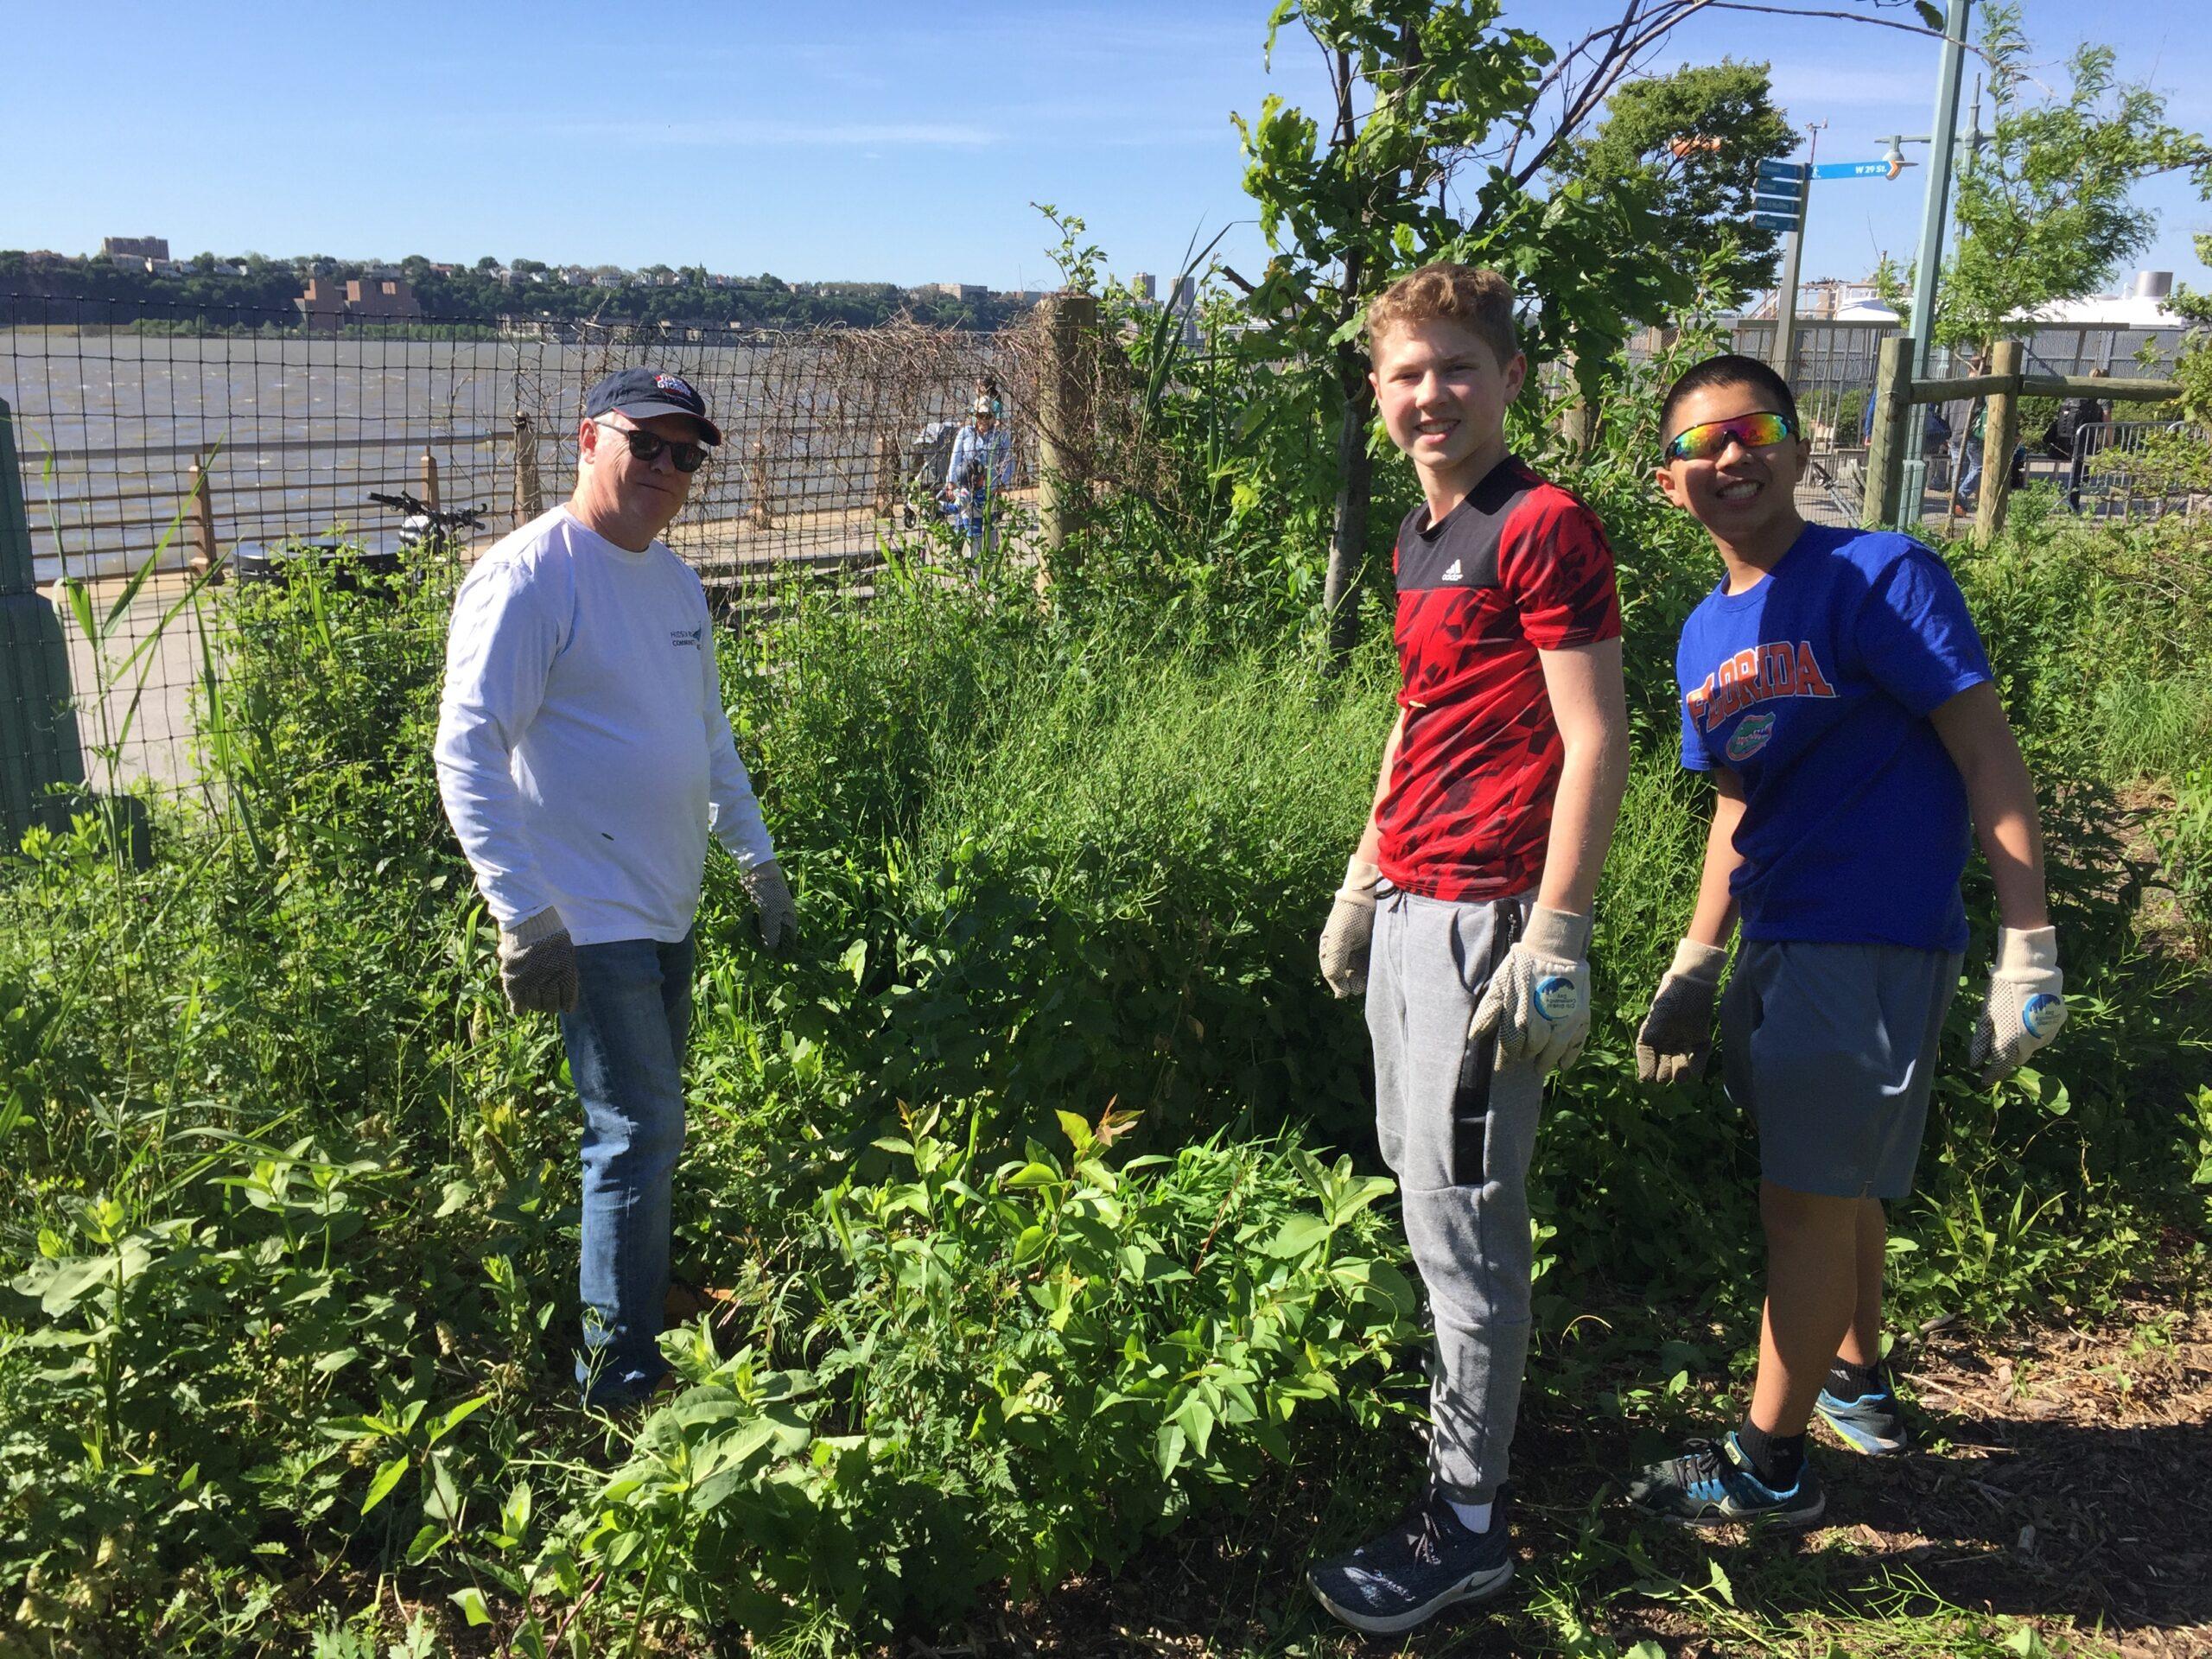 Volunteer students in the habitat garden